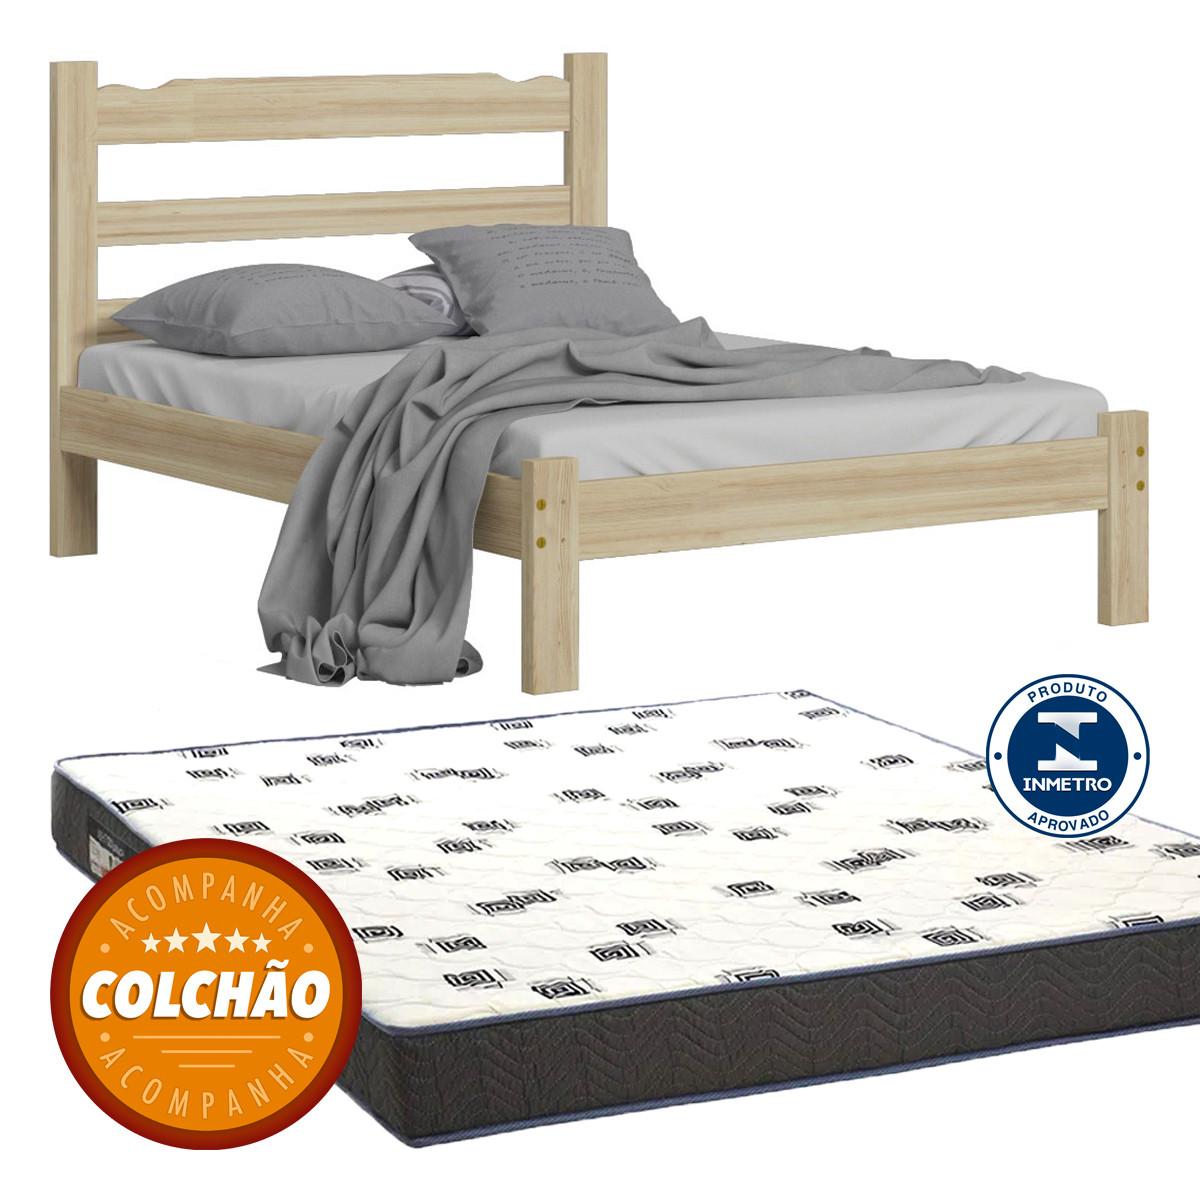 Cama Casal Cor Natural + Colchao